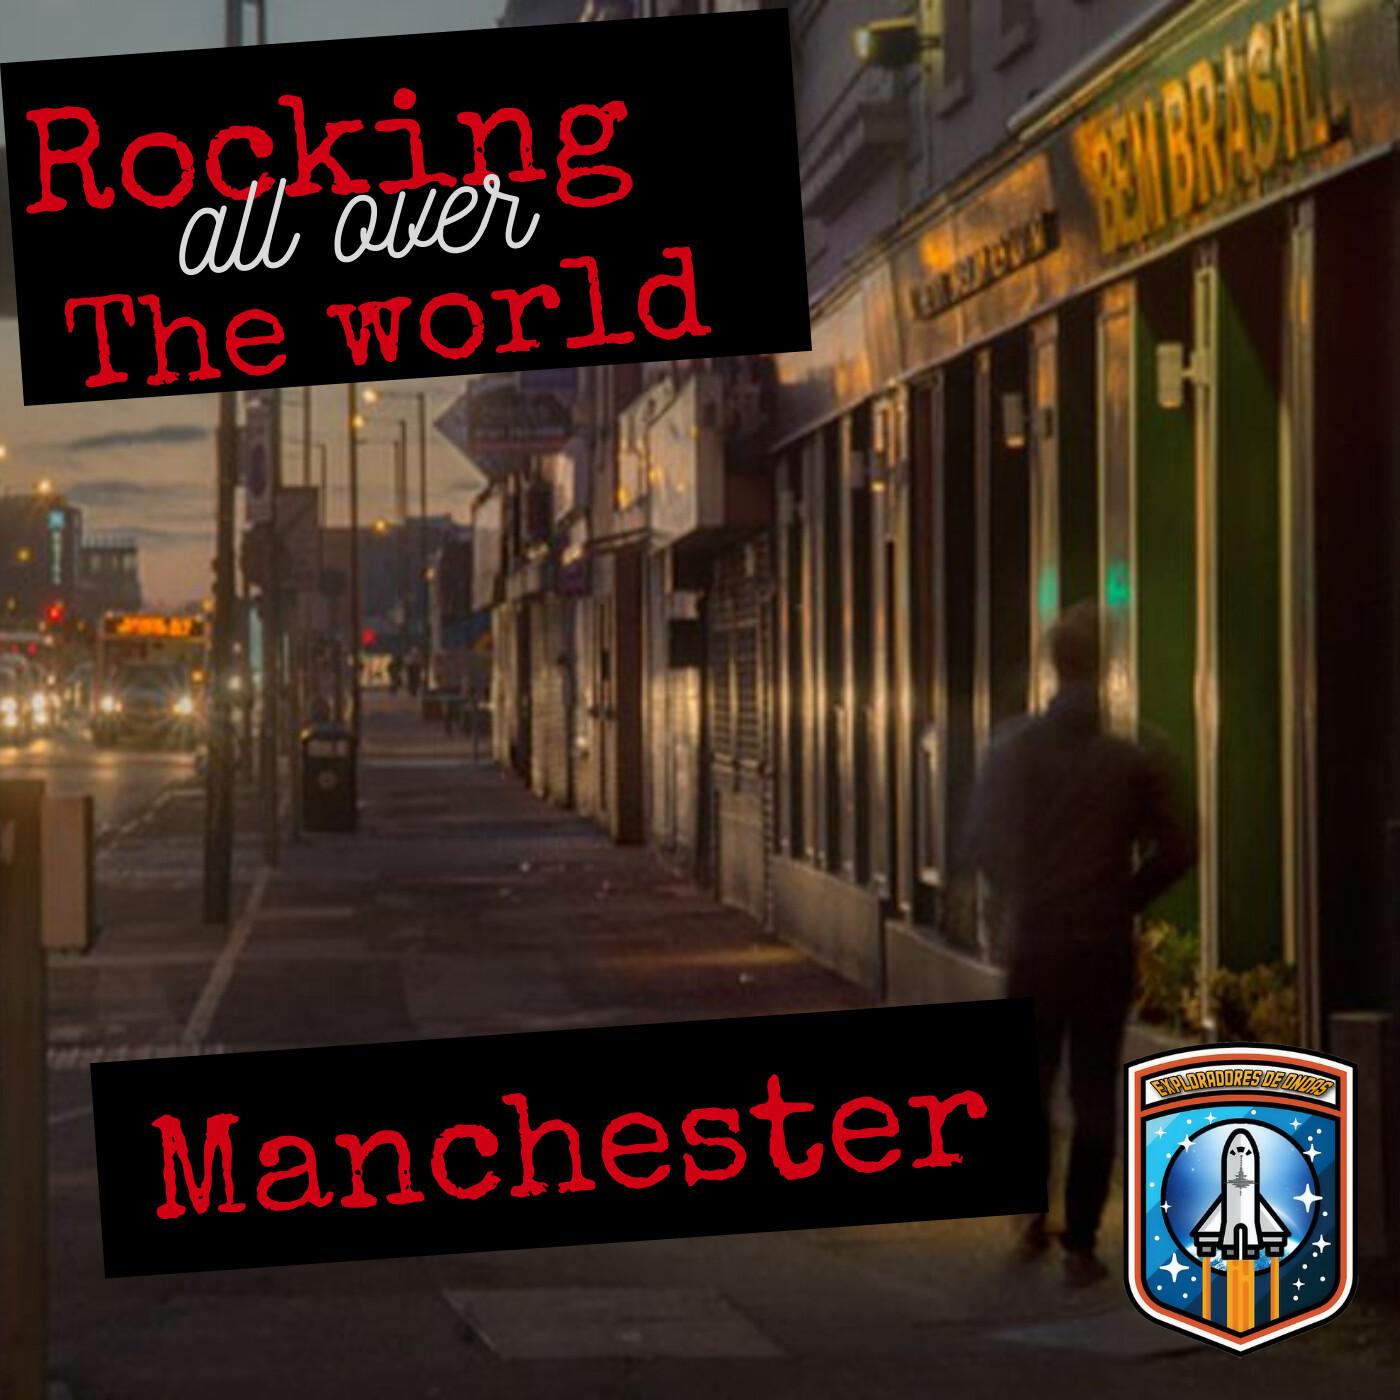 Exploradores de ondas #10 Rocking all over the world Manchester